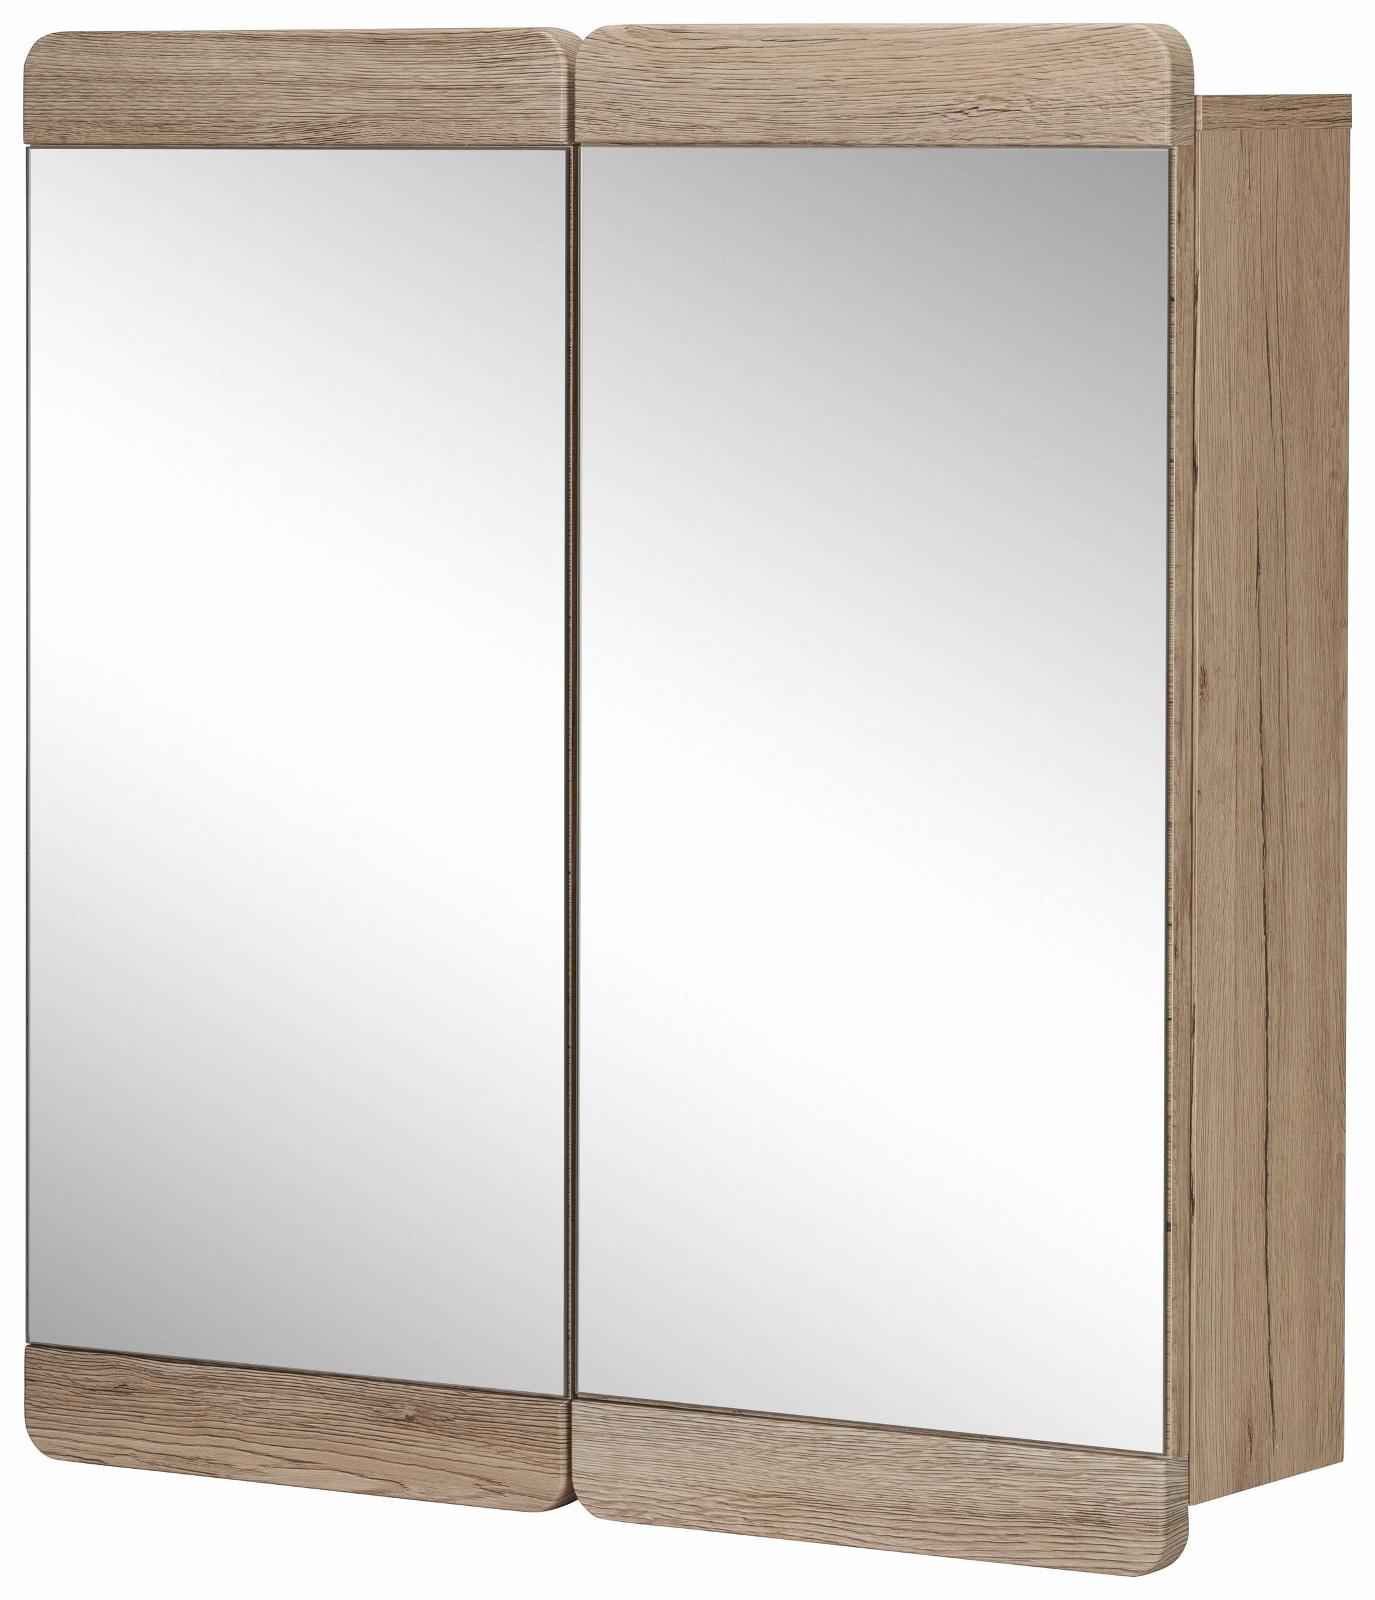 spiegelschrank malea badezimmerschrank eiche san remo hell 65 x 70 x 15 cm - Badezimmerschrank